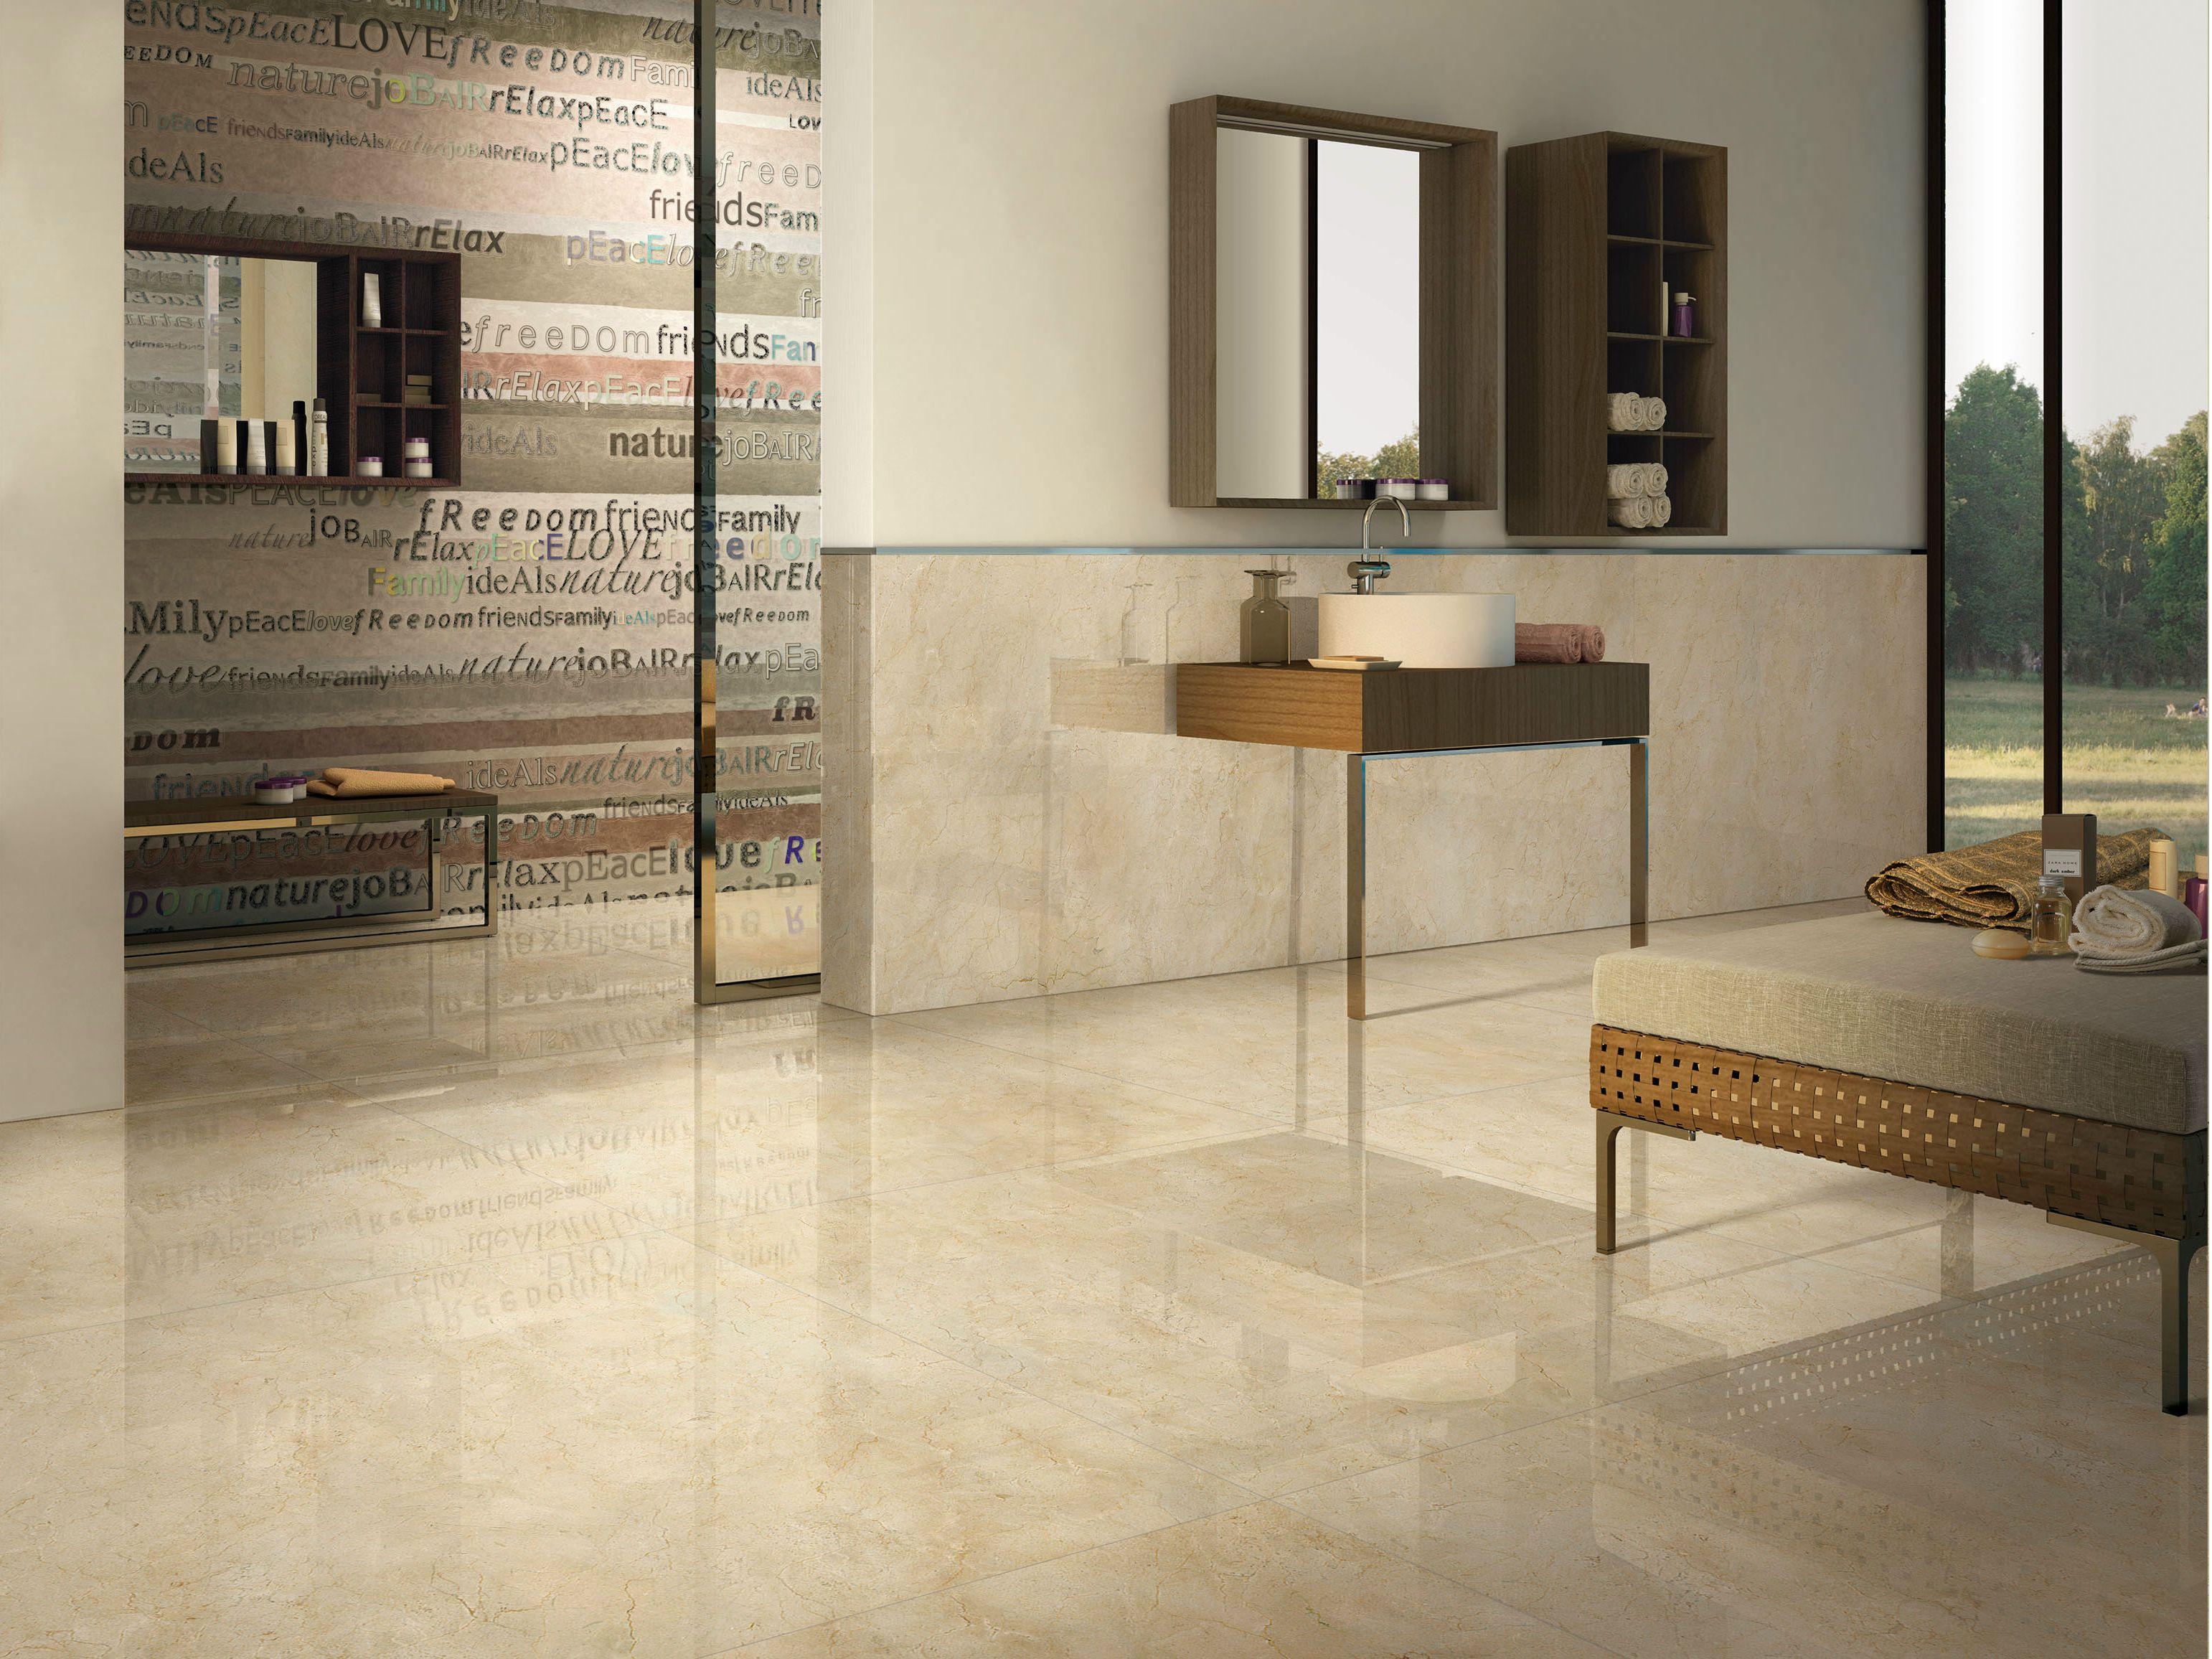 Rev tement de sol mur en gr s c rame effet marbre i marmi - Suelos porcelanicos imitacion marmol ...